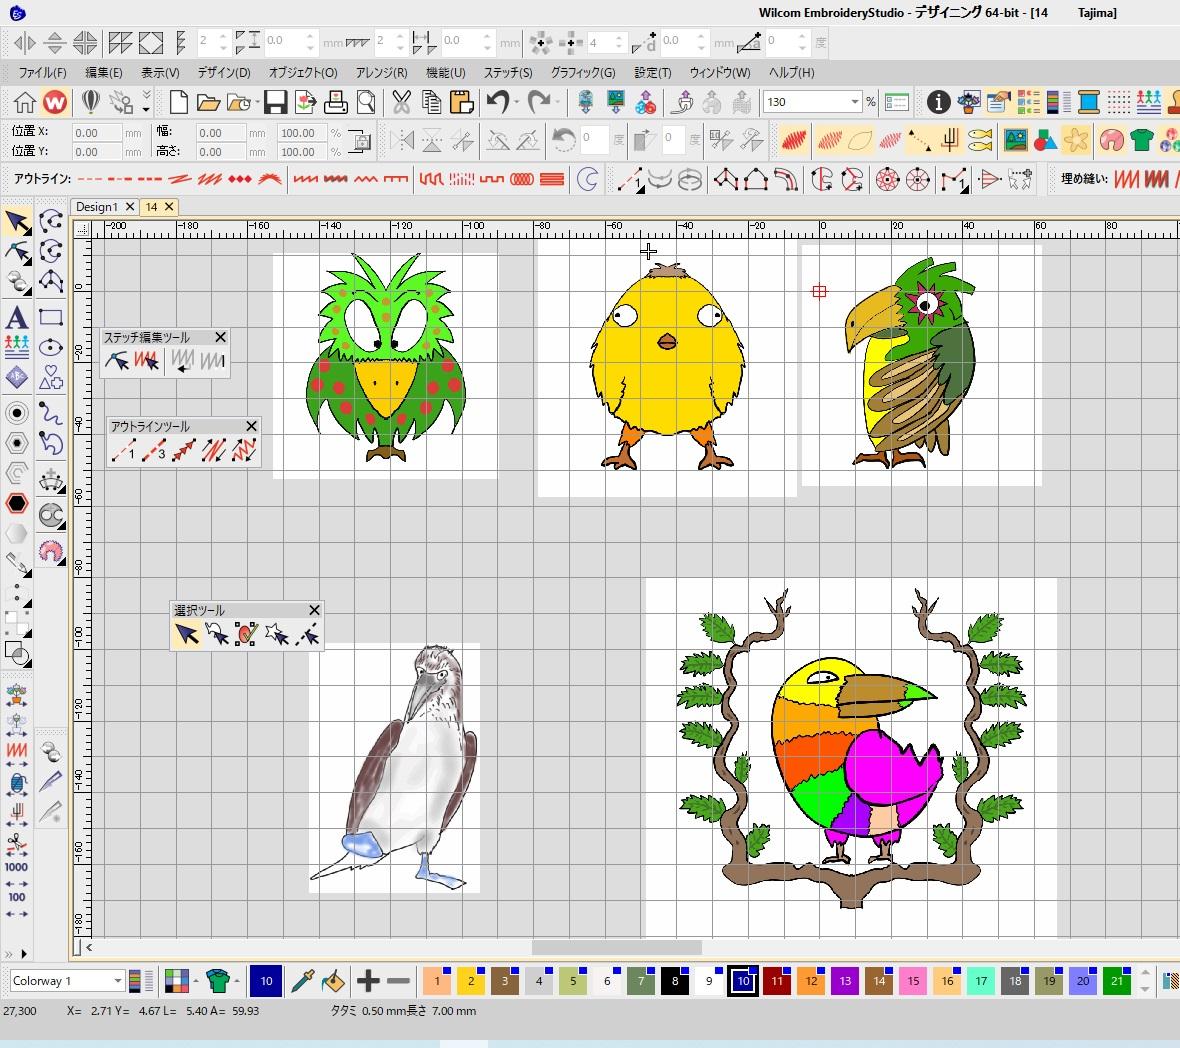 新刺繍CD企画 その21 ユニークな刺繍データ製作♪ 刺繍CDのご注文を頂きました。誠にありがとうございます。。゚( ゚இωஇ゚)゚。